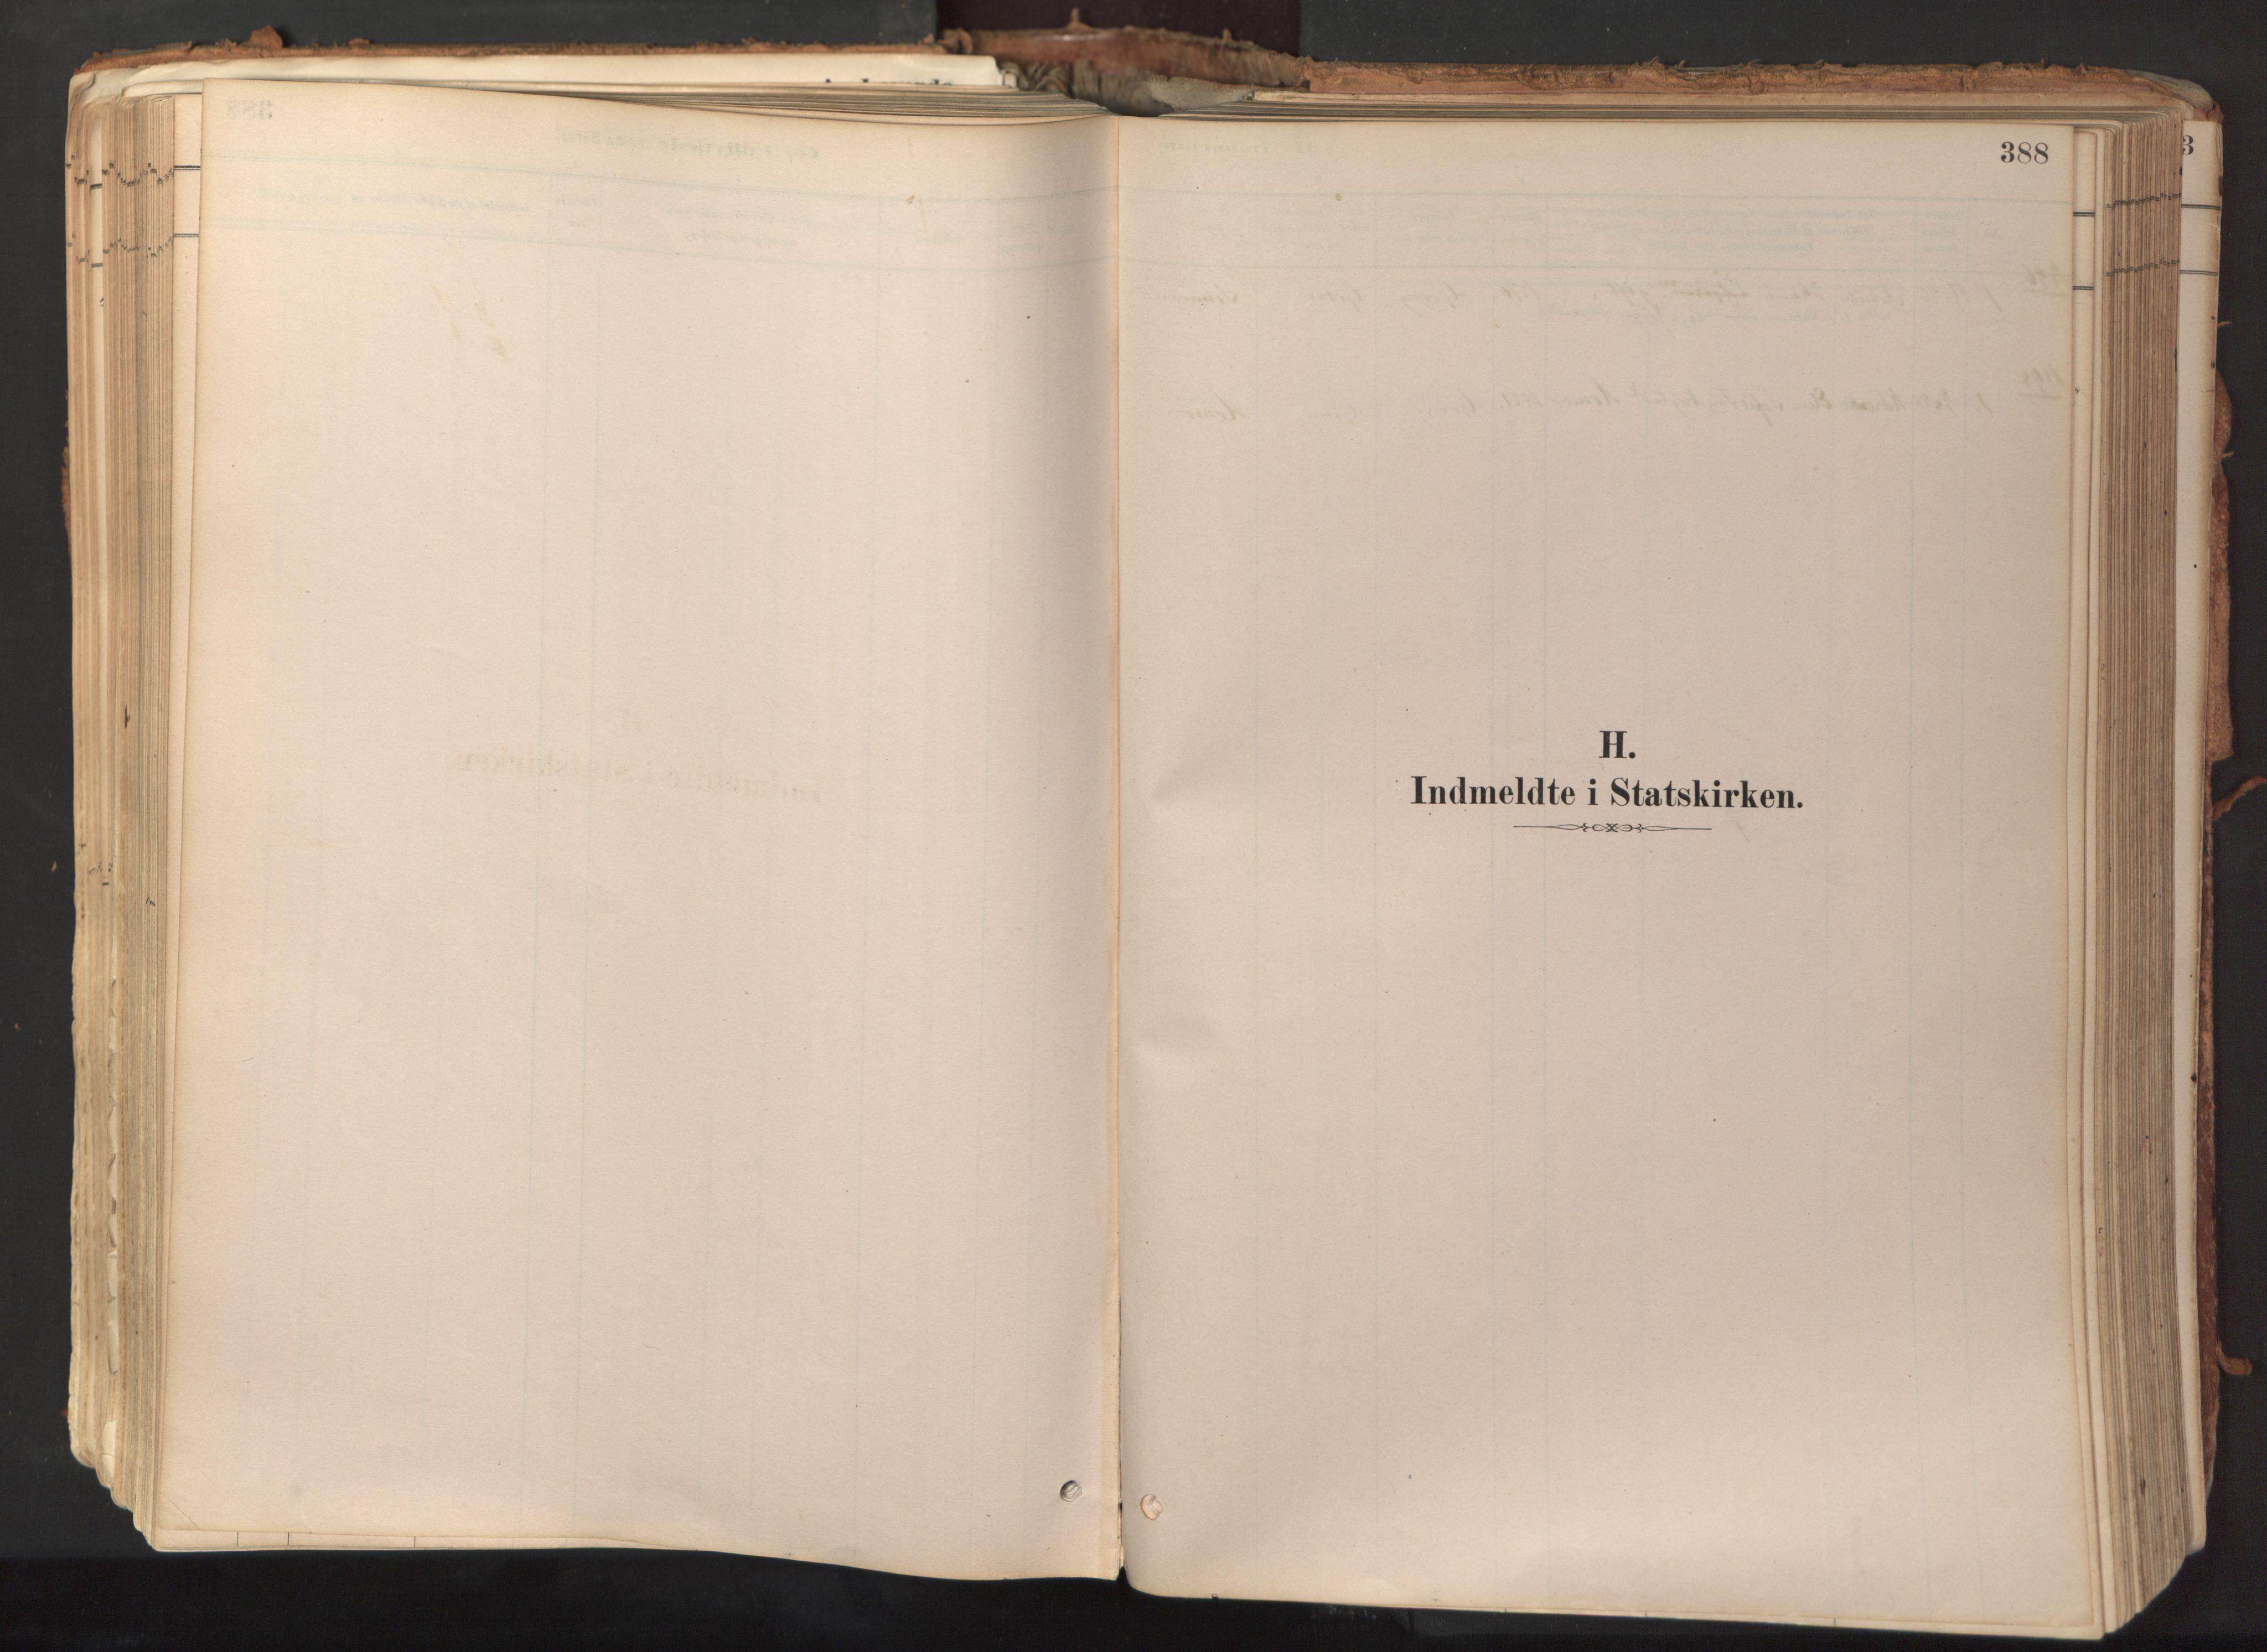 SAT, Ministerialprotokoller, klokkerbøker og fødselsregistre - Nord-Trøndelag, 758/L0519: Ministerialbok nr. 758A04, 1880-1926, s. 388